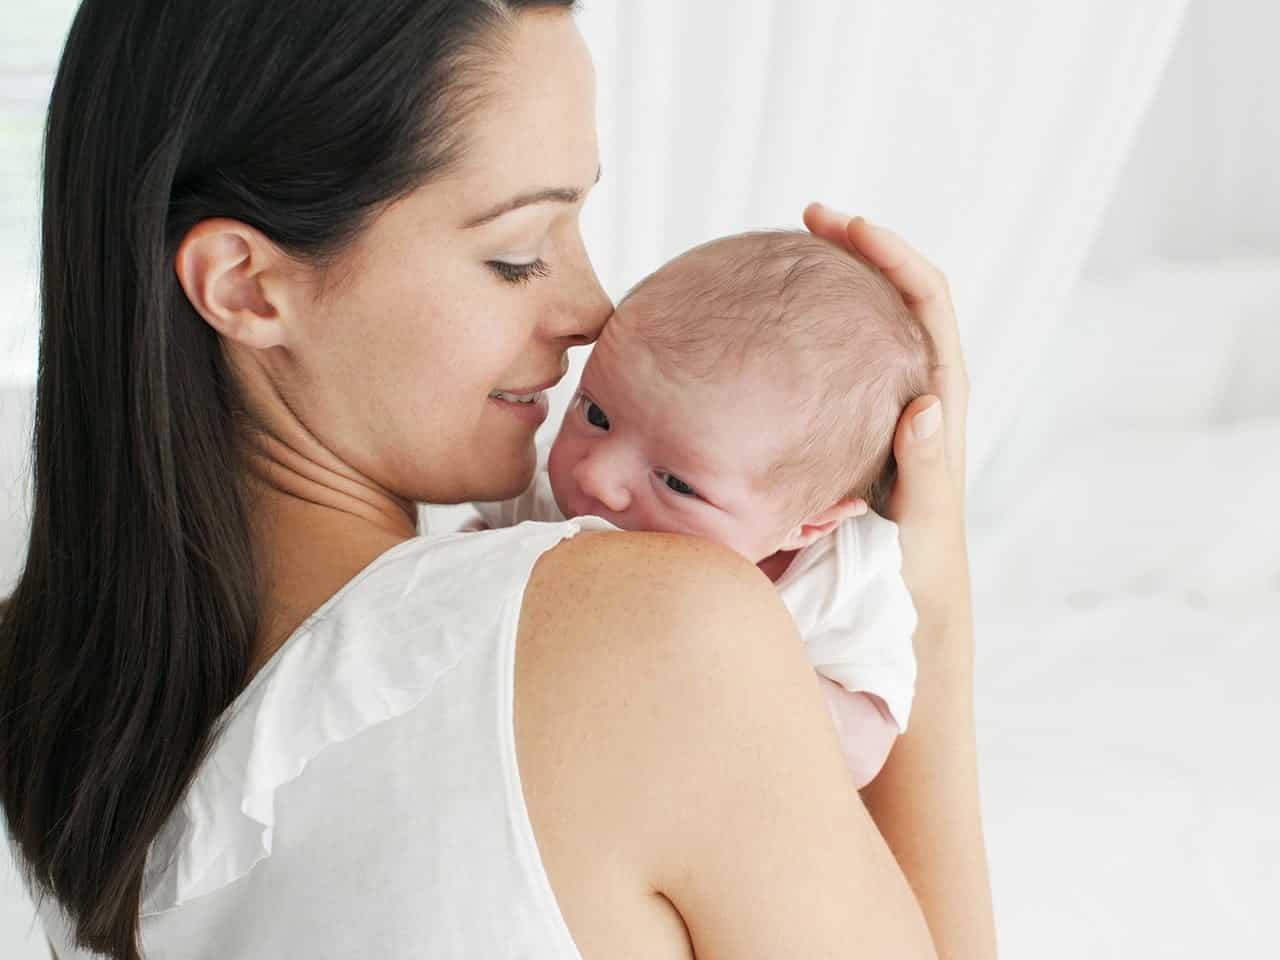 هل يحدث حمل في فترة النفاس؟